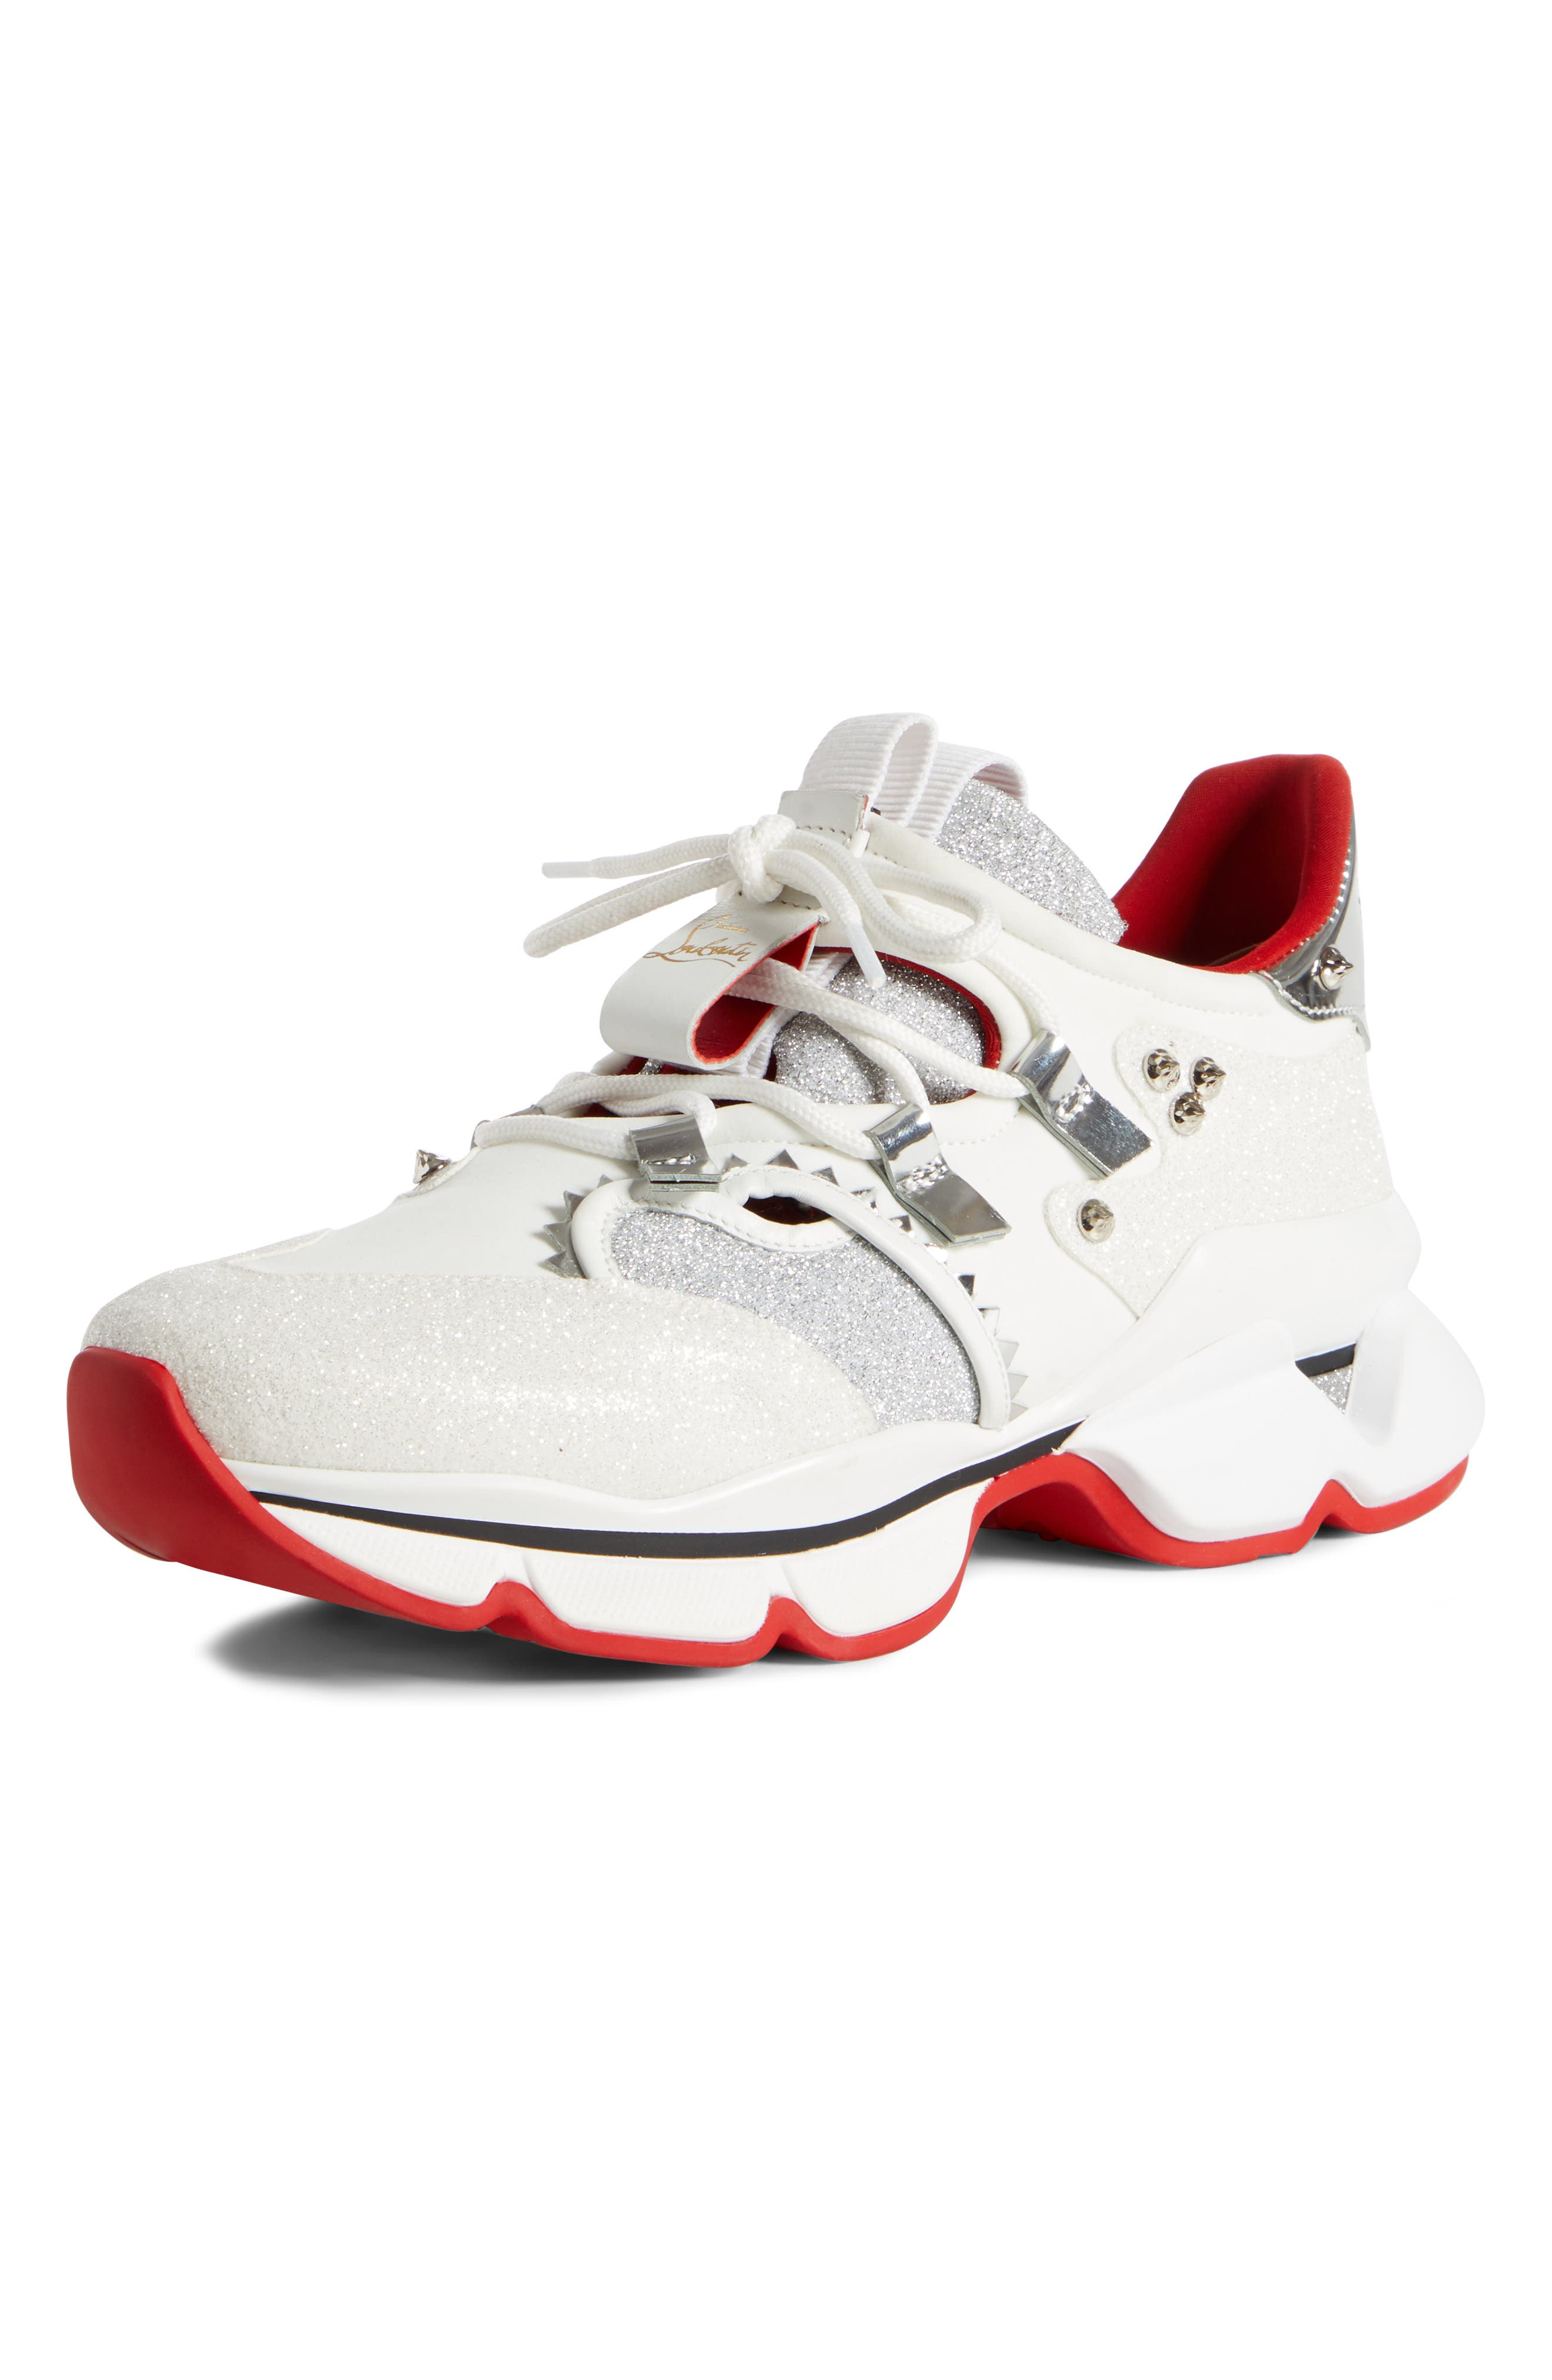 Christian Louboutin Red Runner Sneaker, White